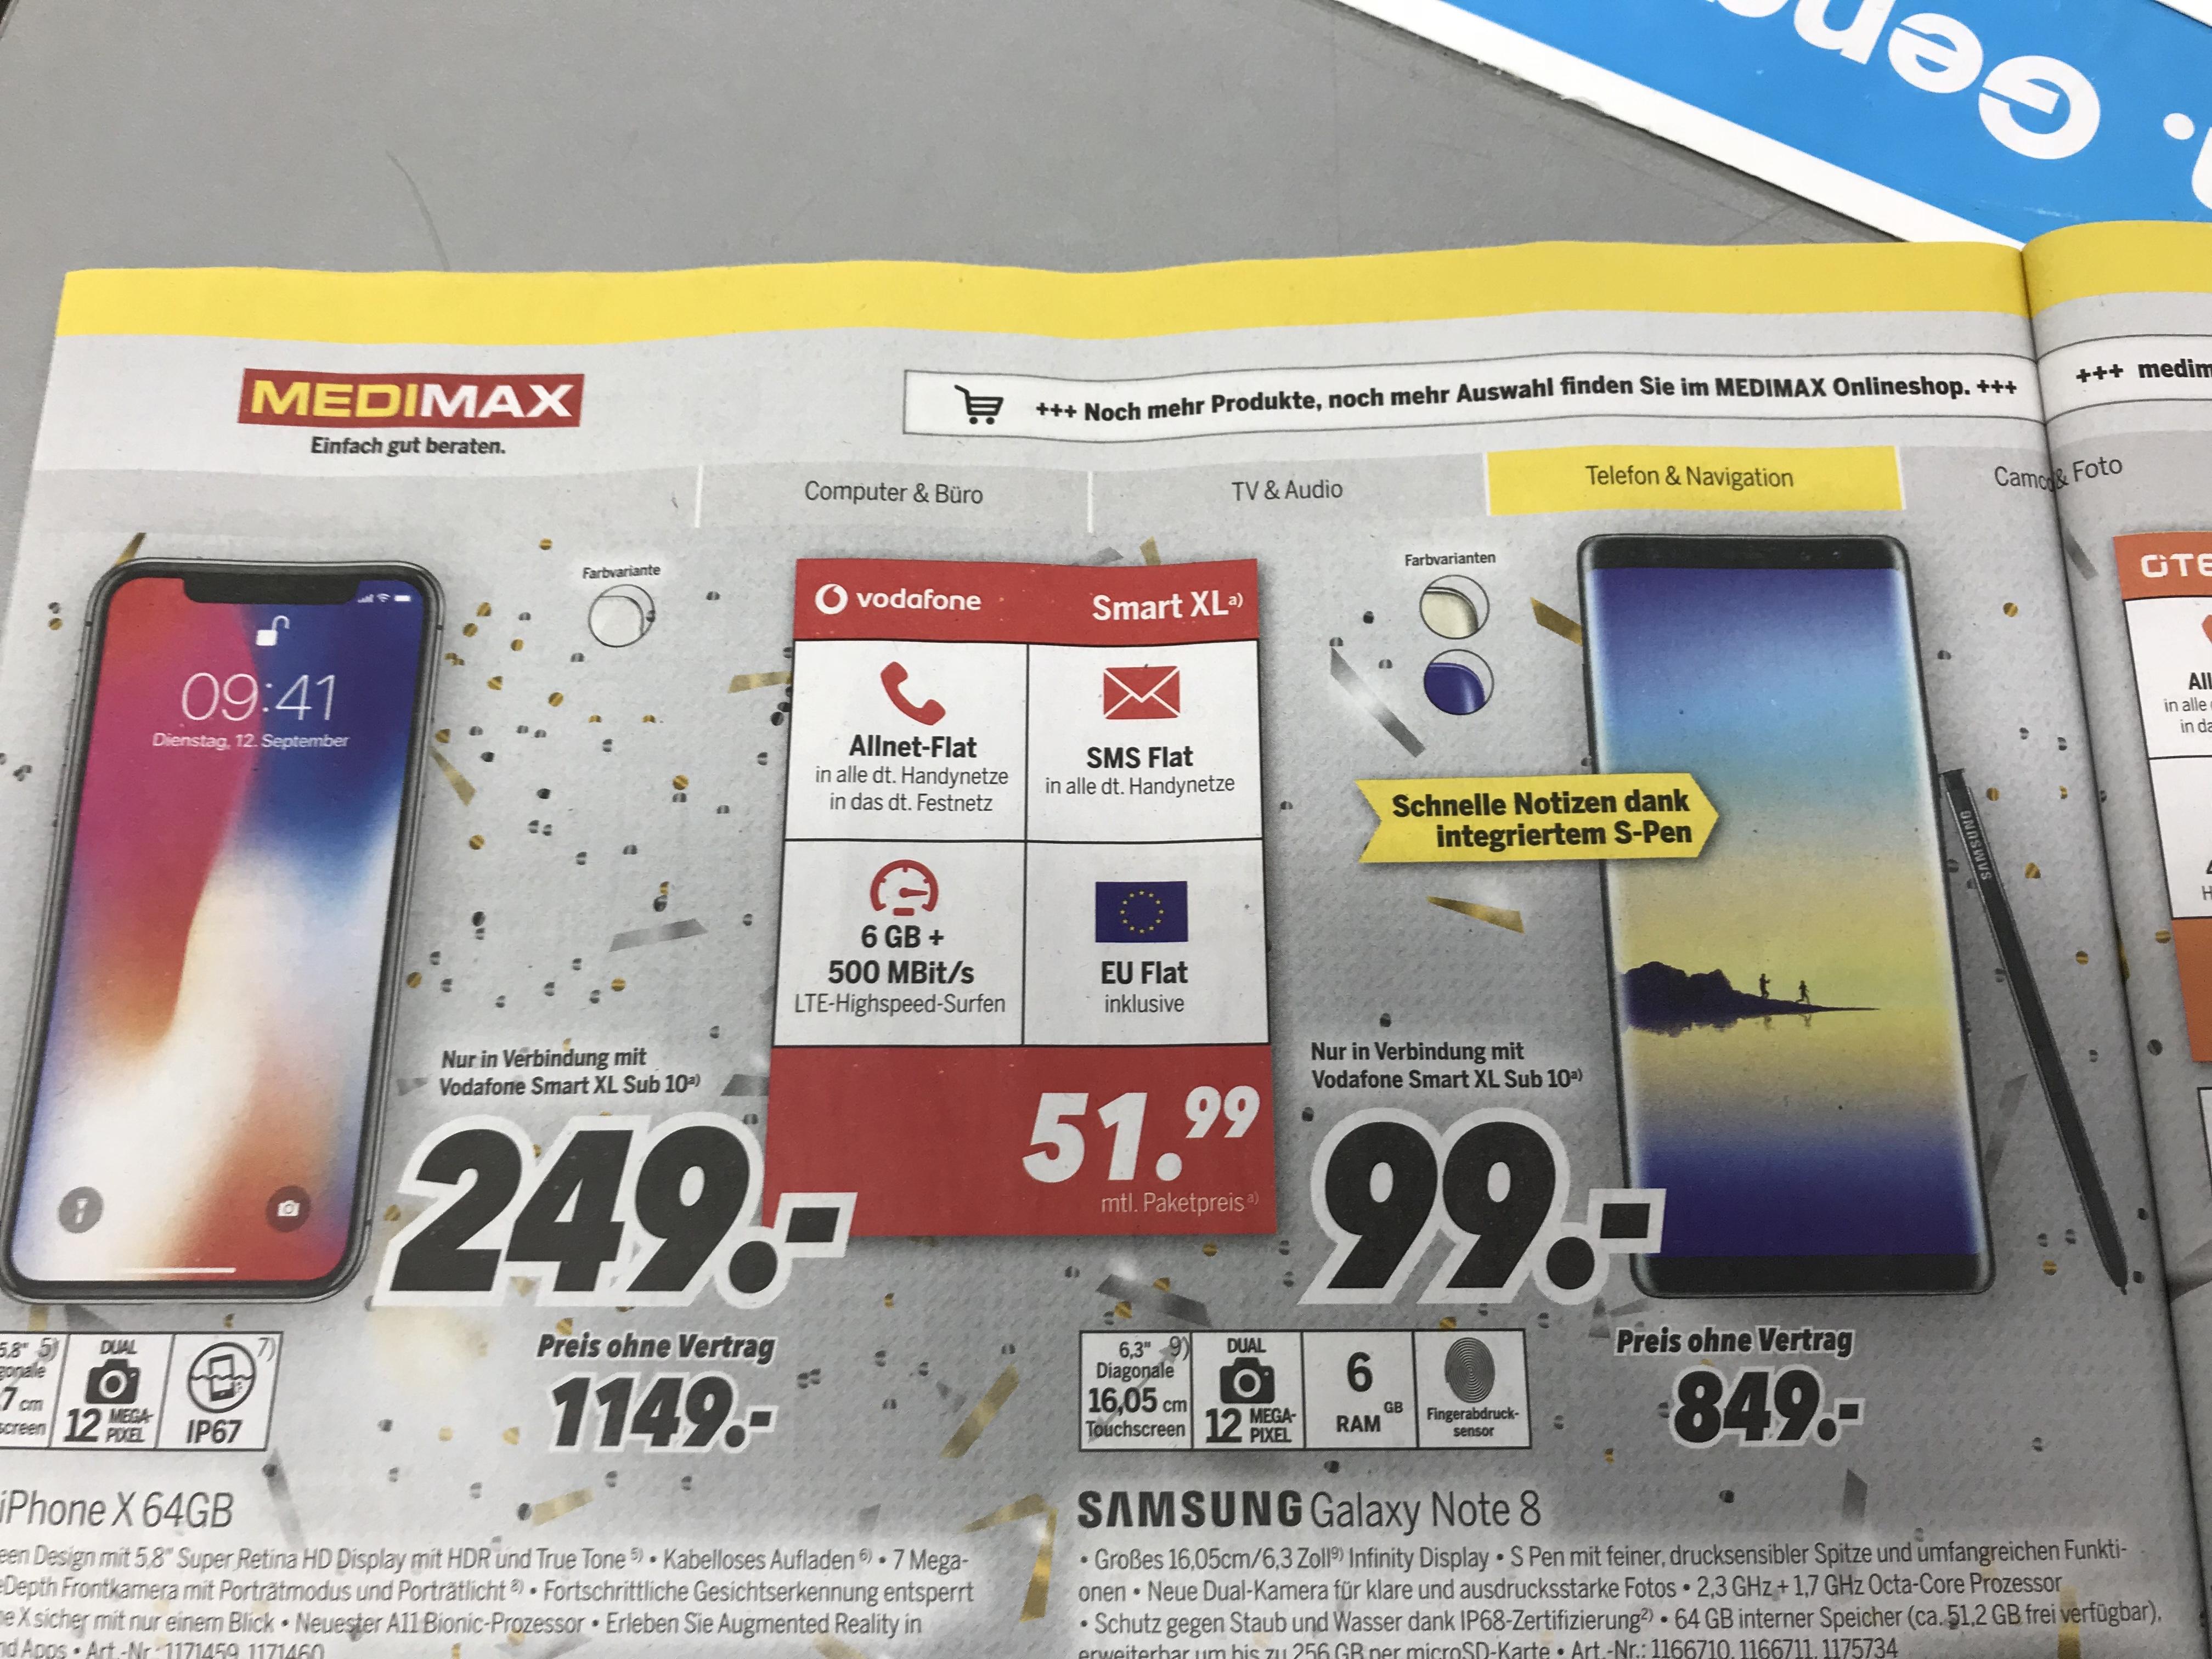 [ Medimax Hildesheim ] Iphone X für 249€ im Vodafone Smart XL für mtl. 51,99€ mit 6GB LTE